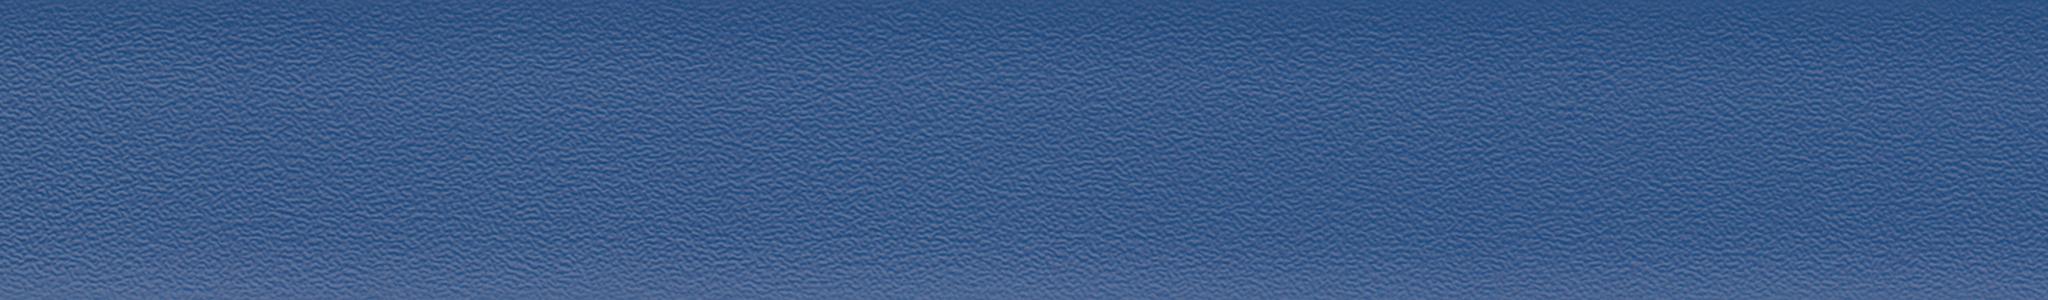 HU 15128 ABS hrana modrá perla 101